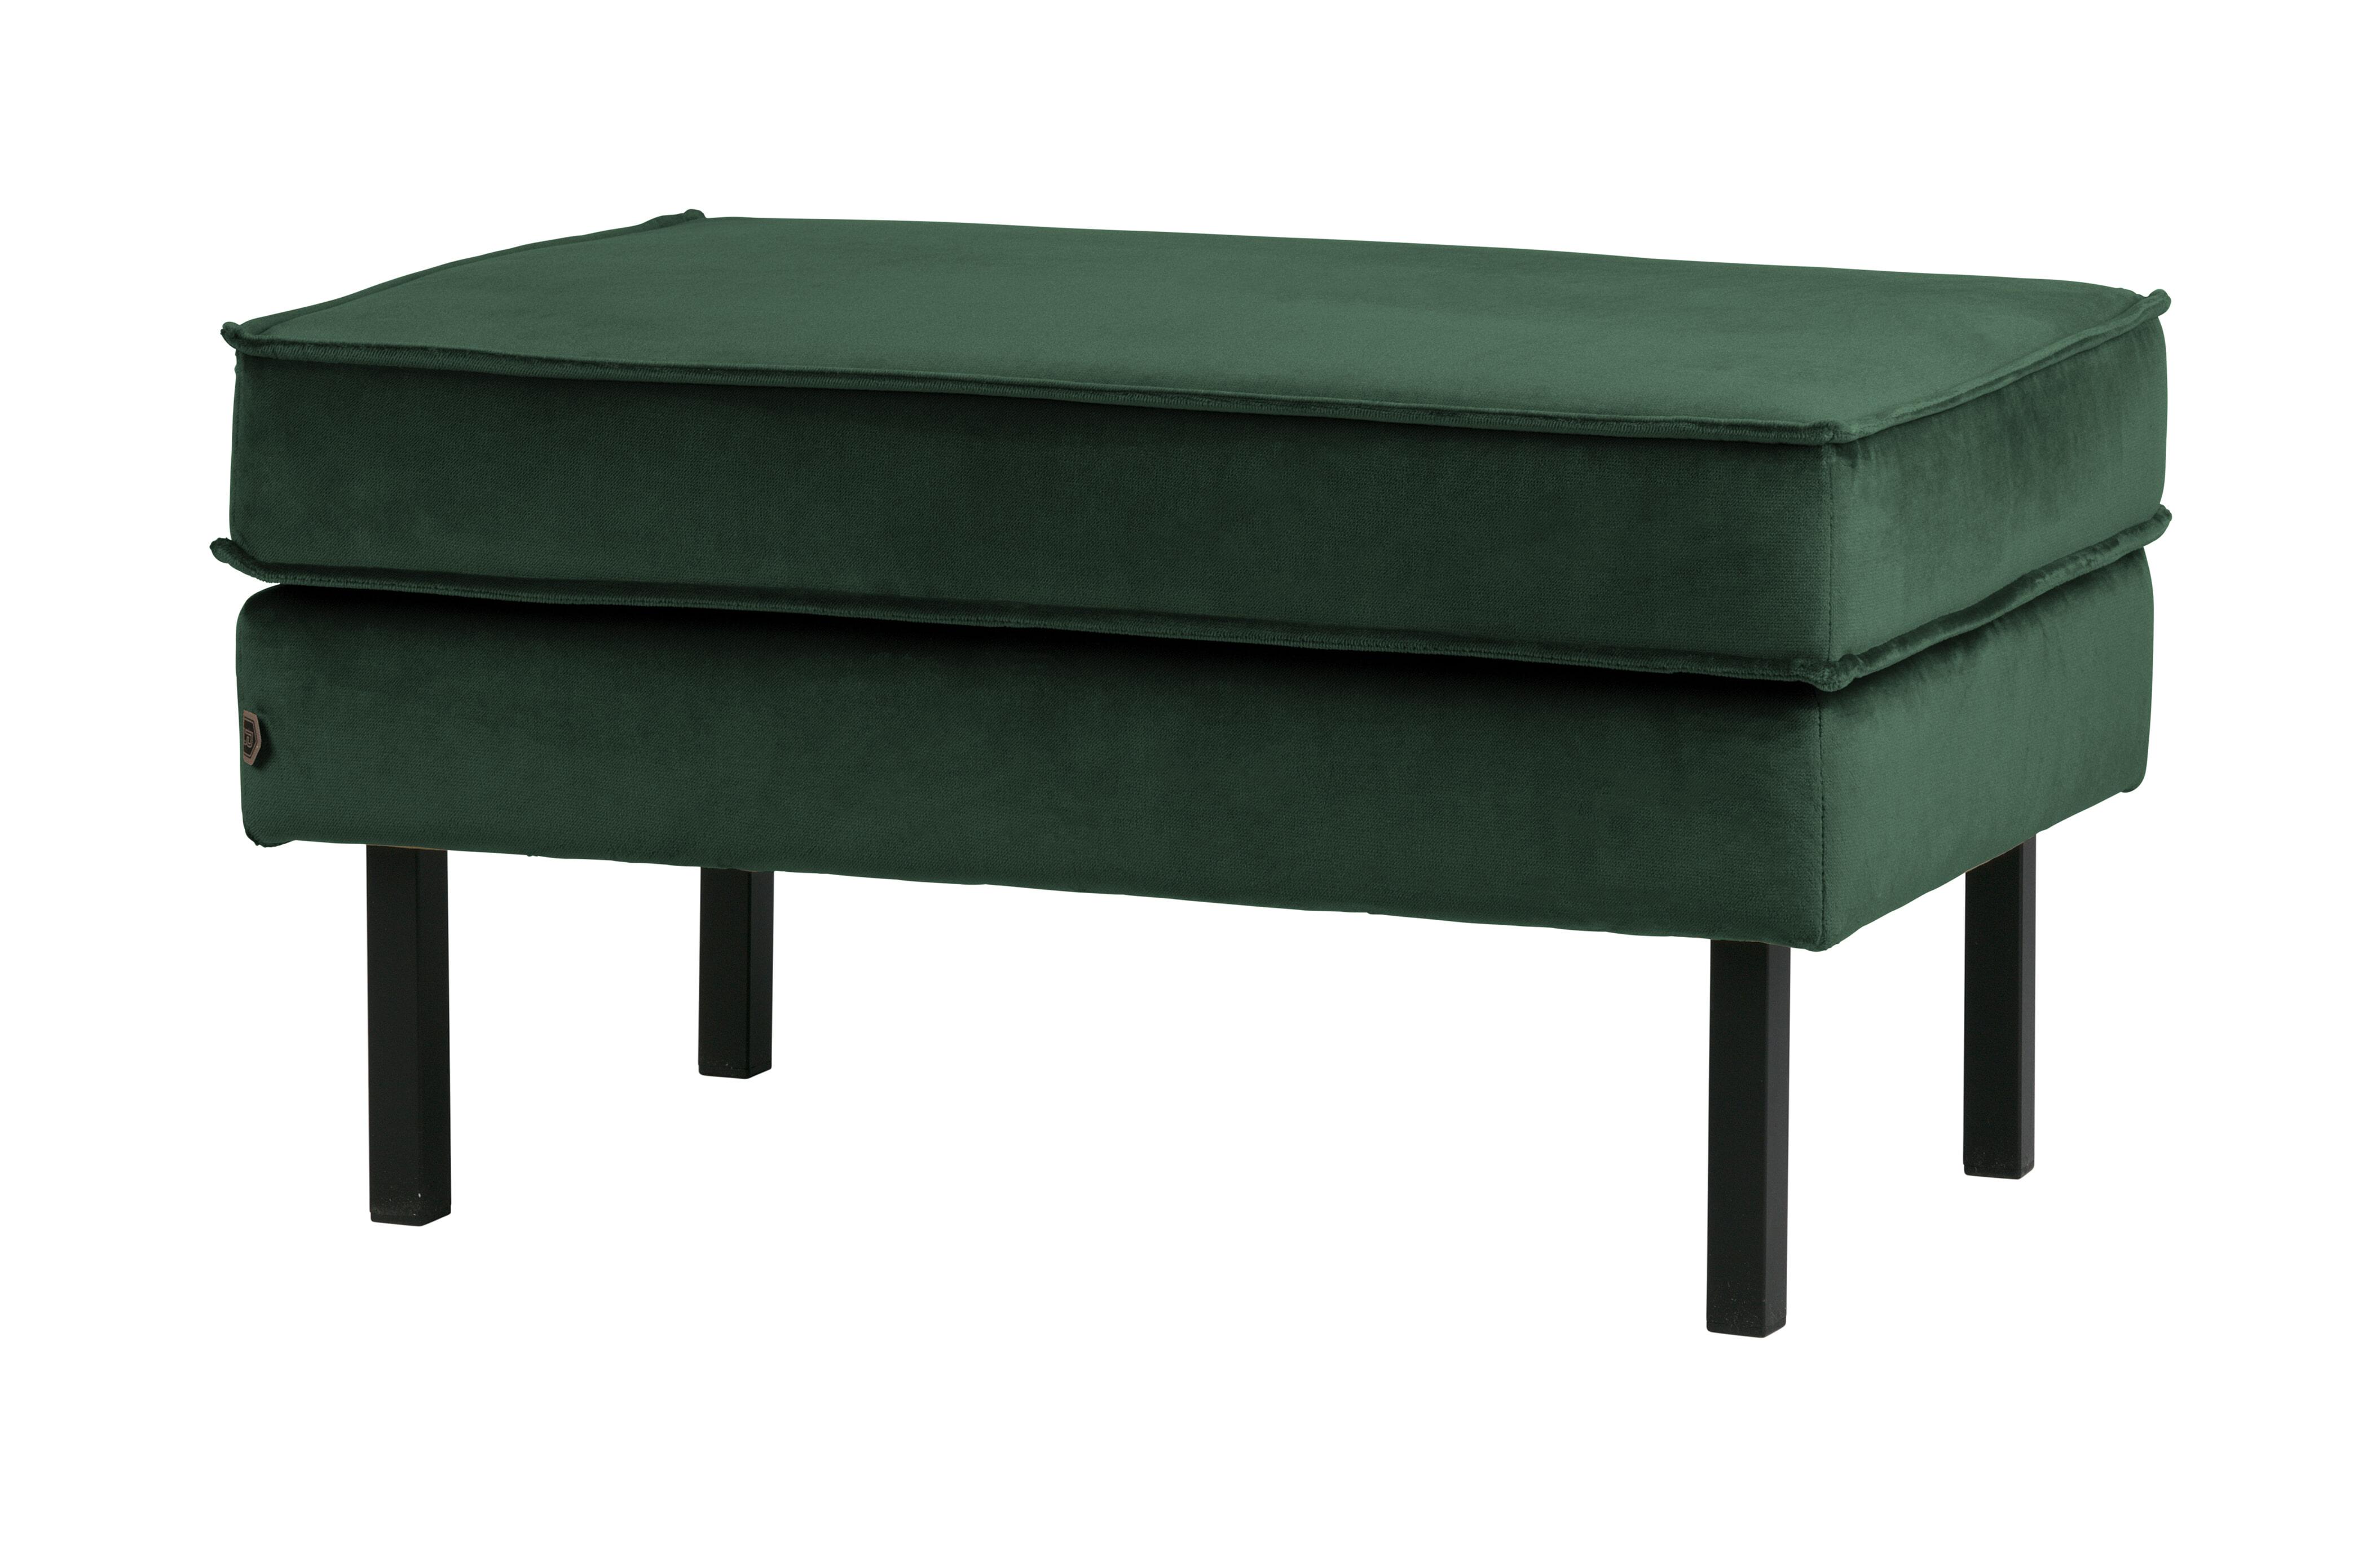 BePureHome Hocker 'Rodeo' Velvet, kleur Groen Velvet (velours-textiel) 100% polyester aanschaffen? Kijk hier!